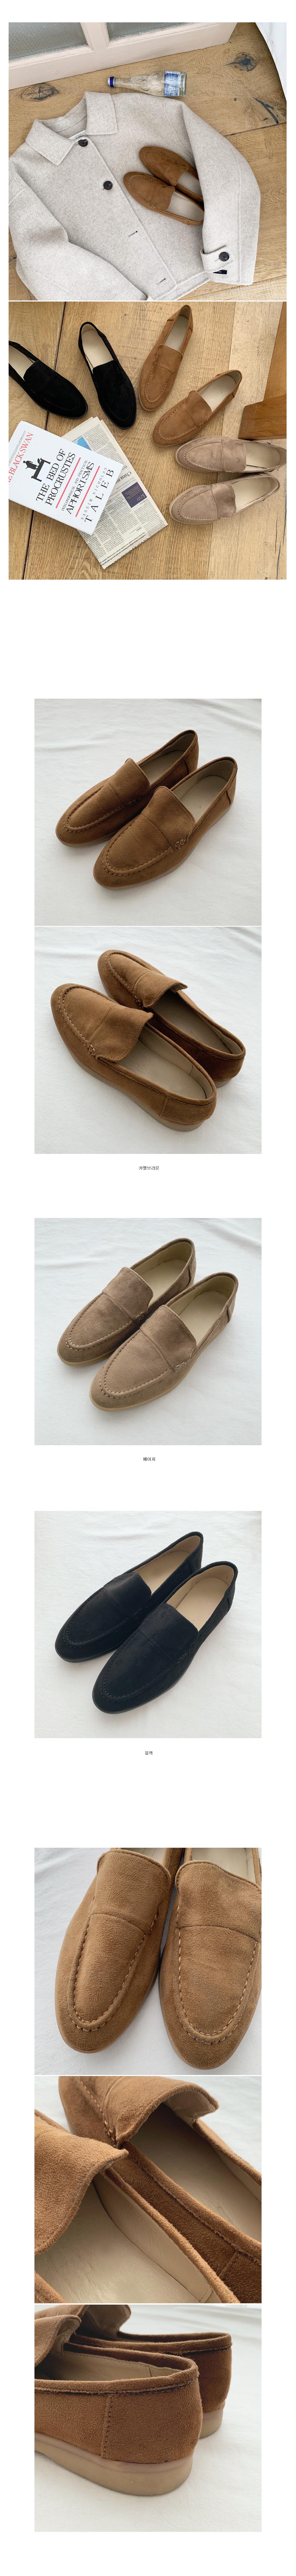 Gentle suede simple loafers-beige 225, camel brown 240, black 230